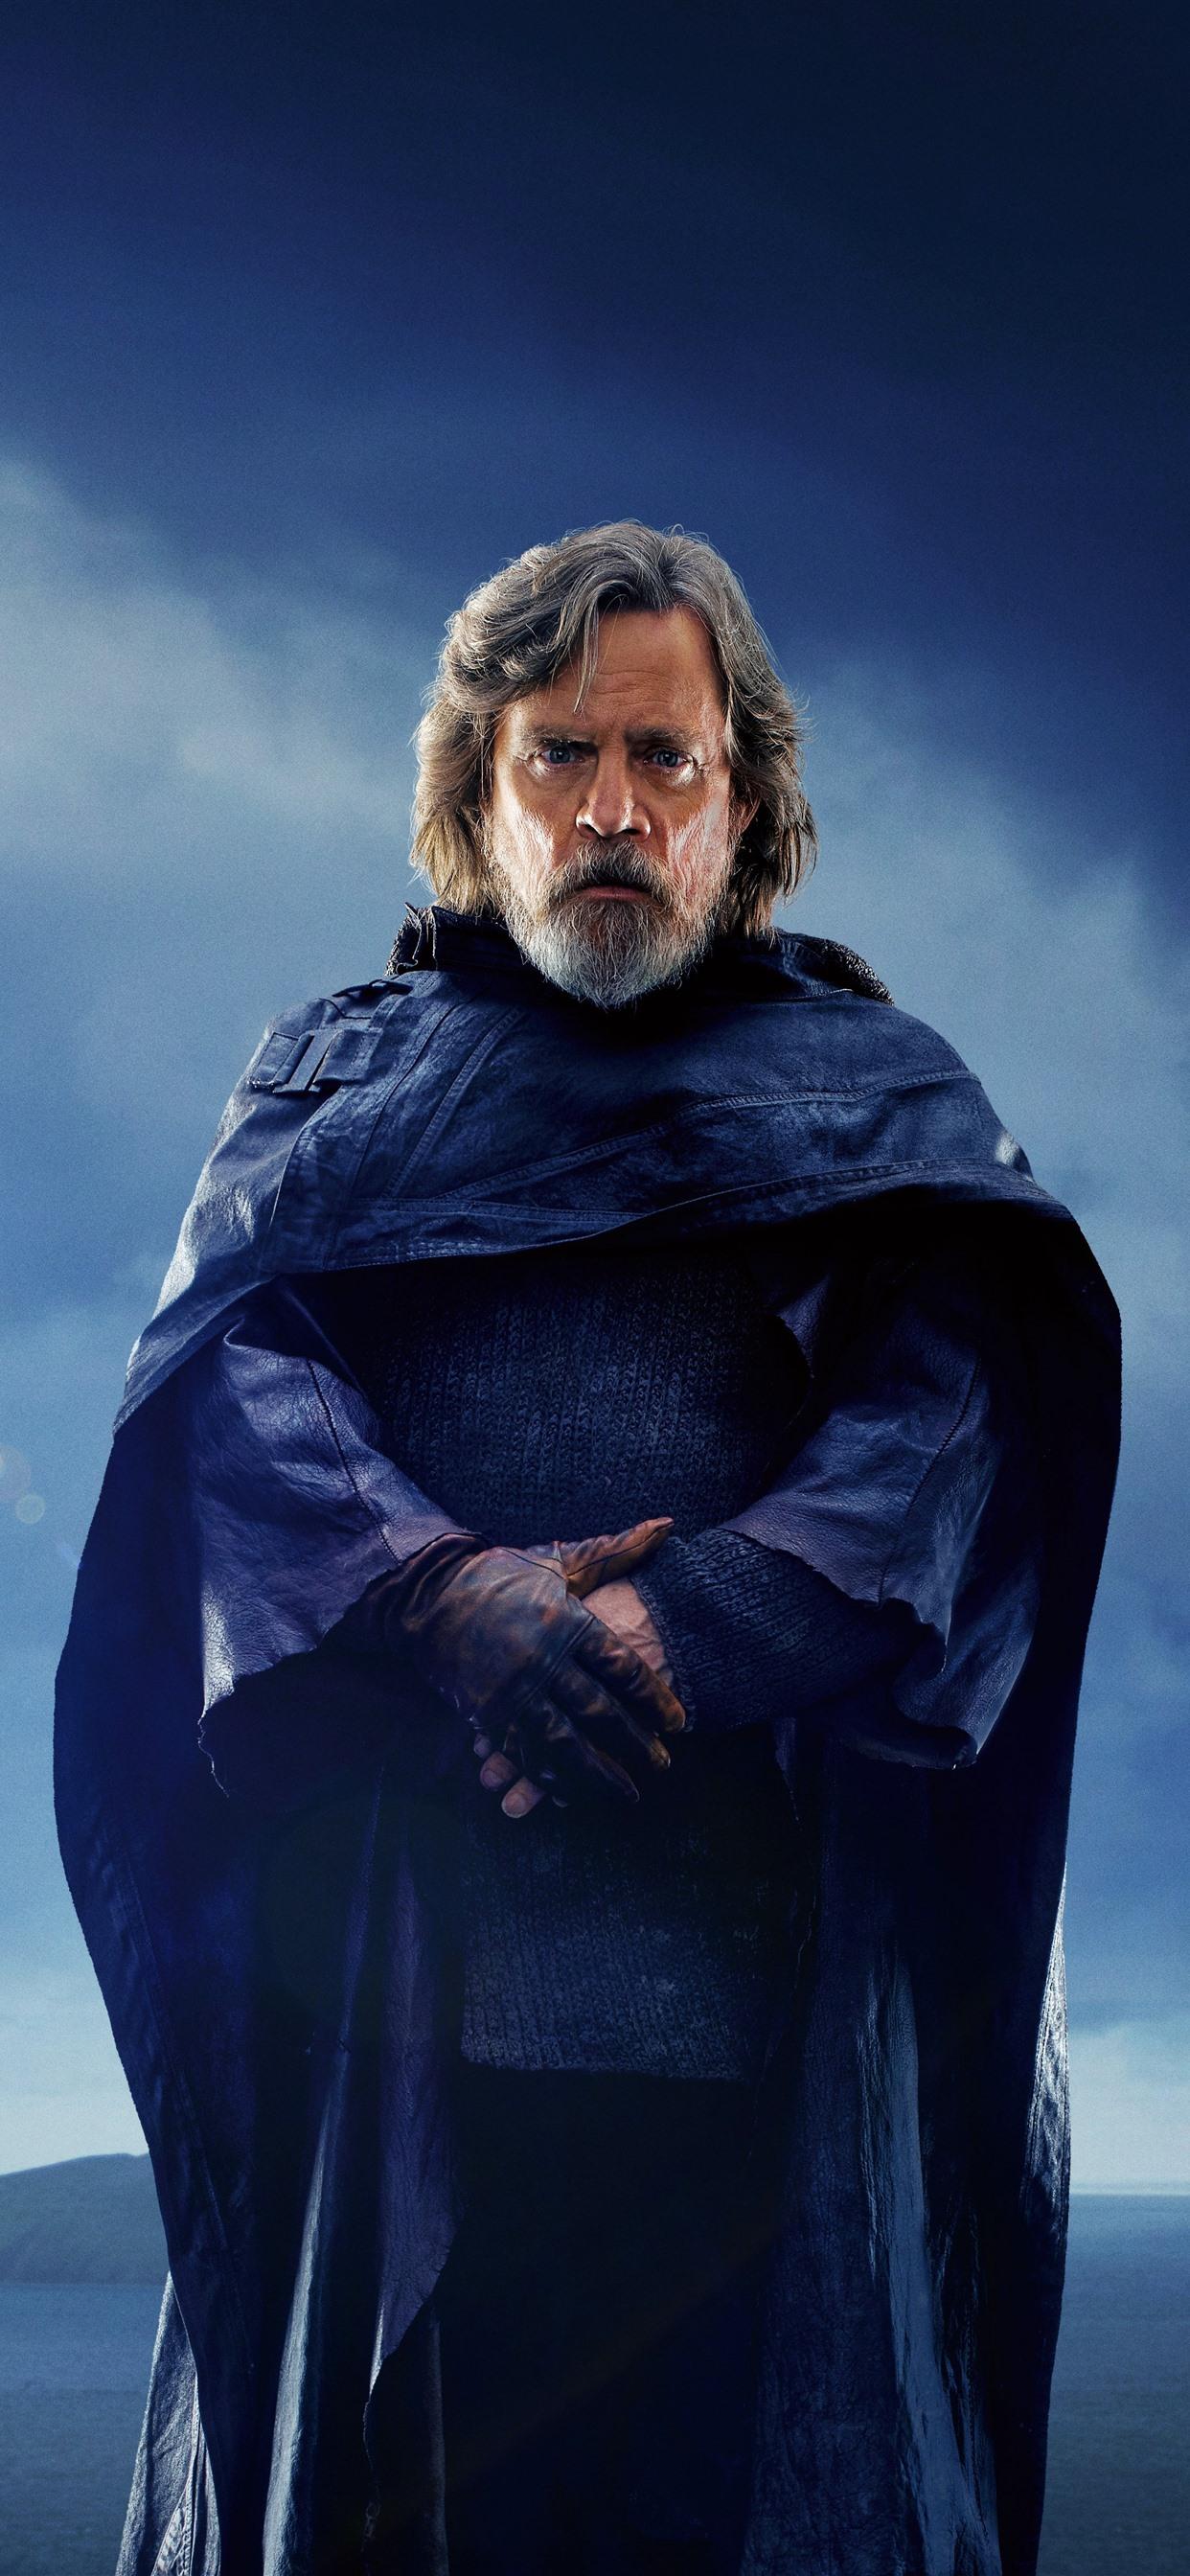 Luke Star Wars The Last Jedi 1242x2688 Iphone Xs Max